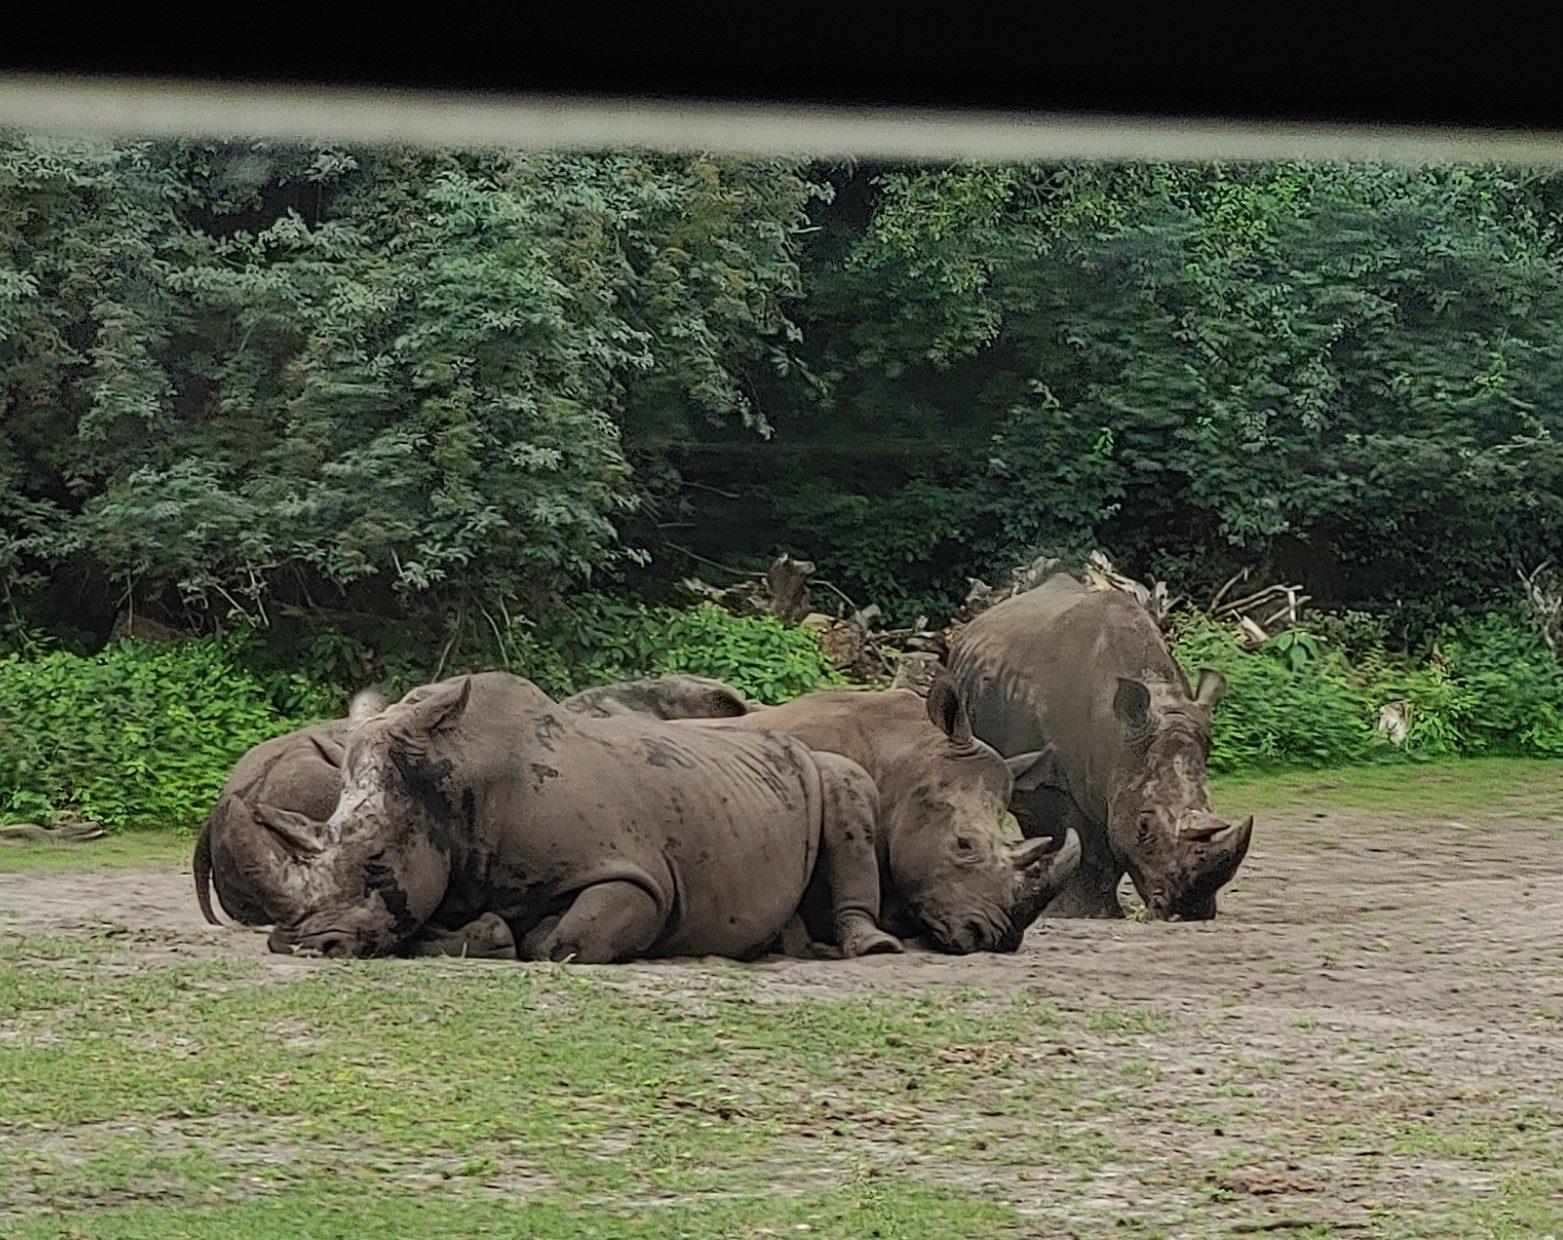 Nashörner liegen auf Gras, vom Bus aus fotografiert.